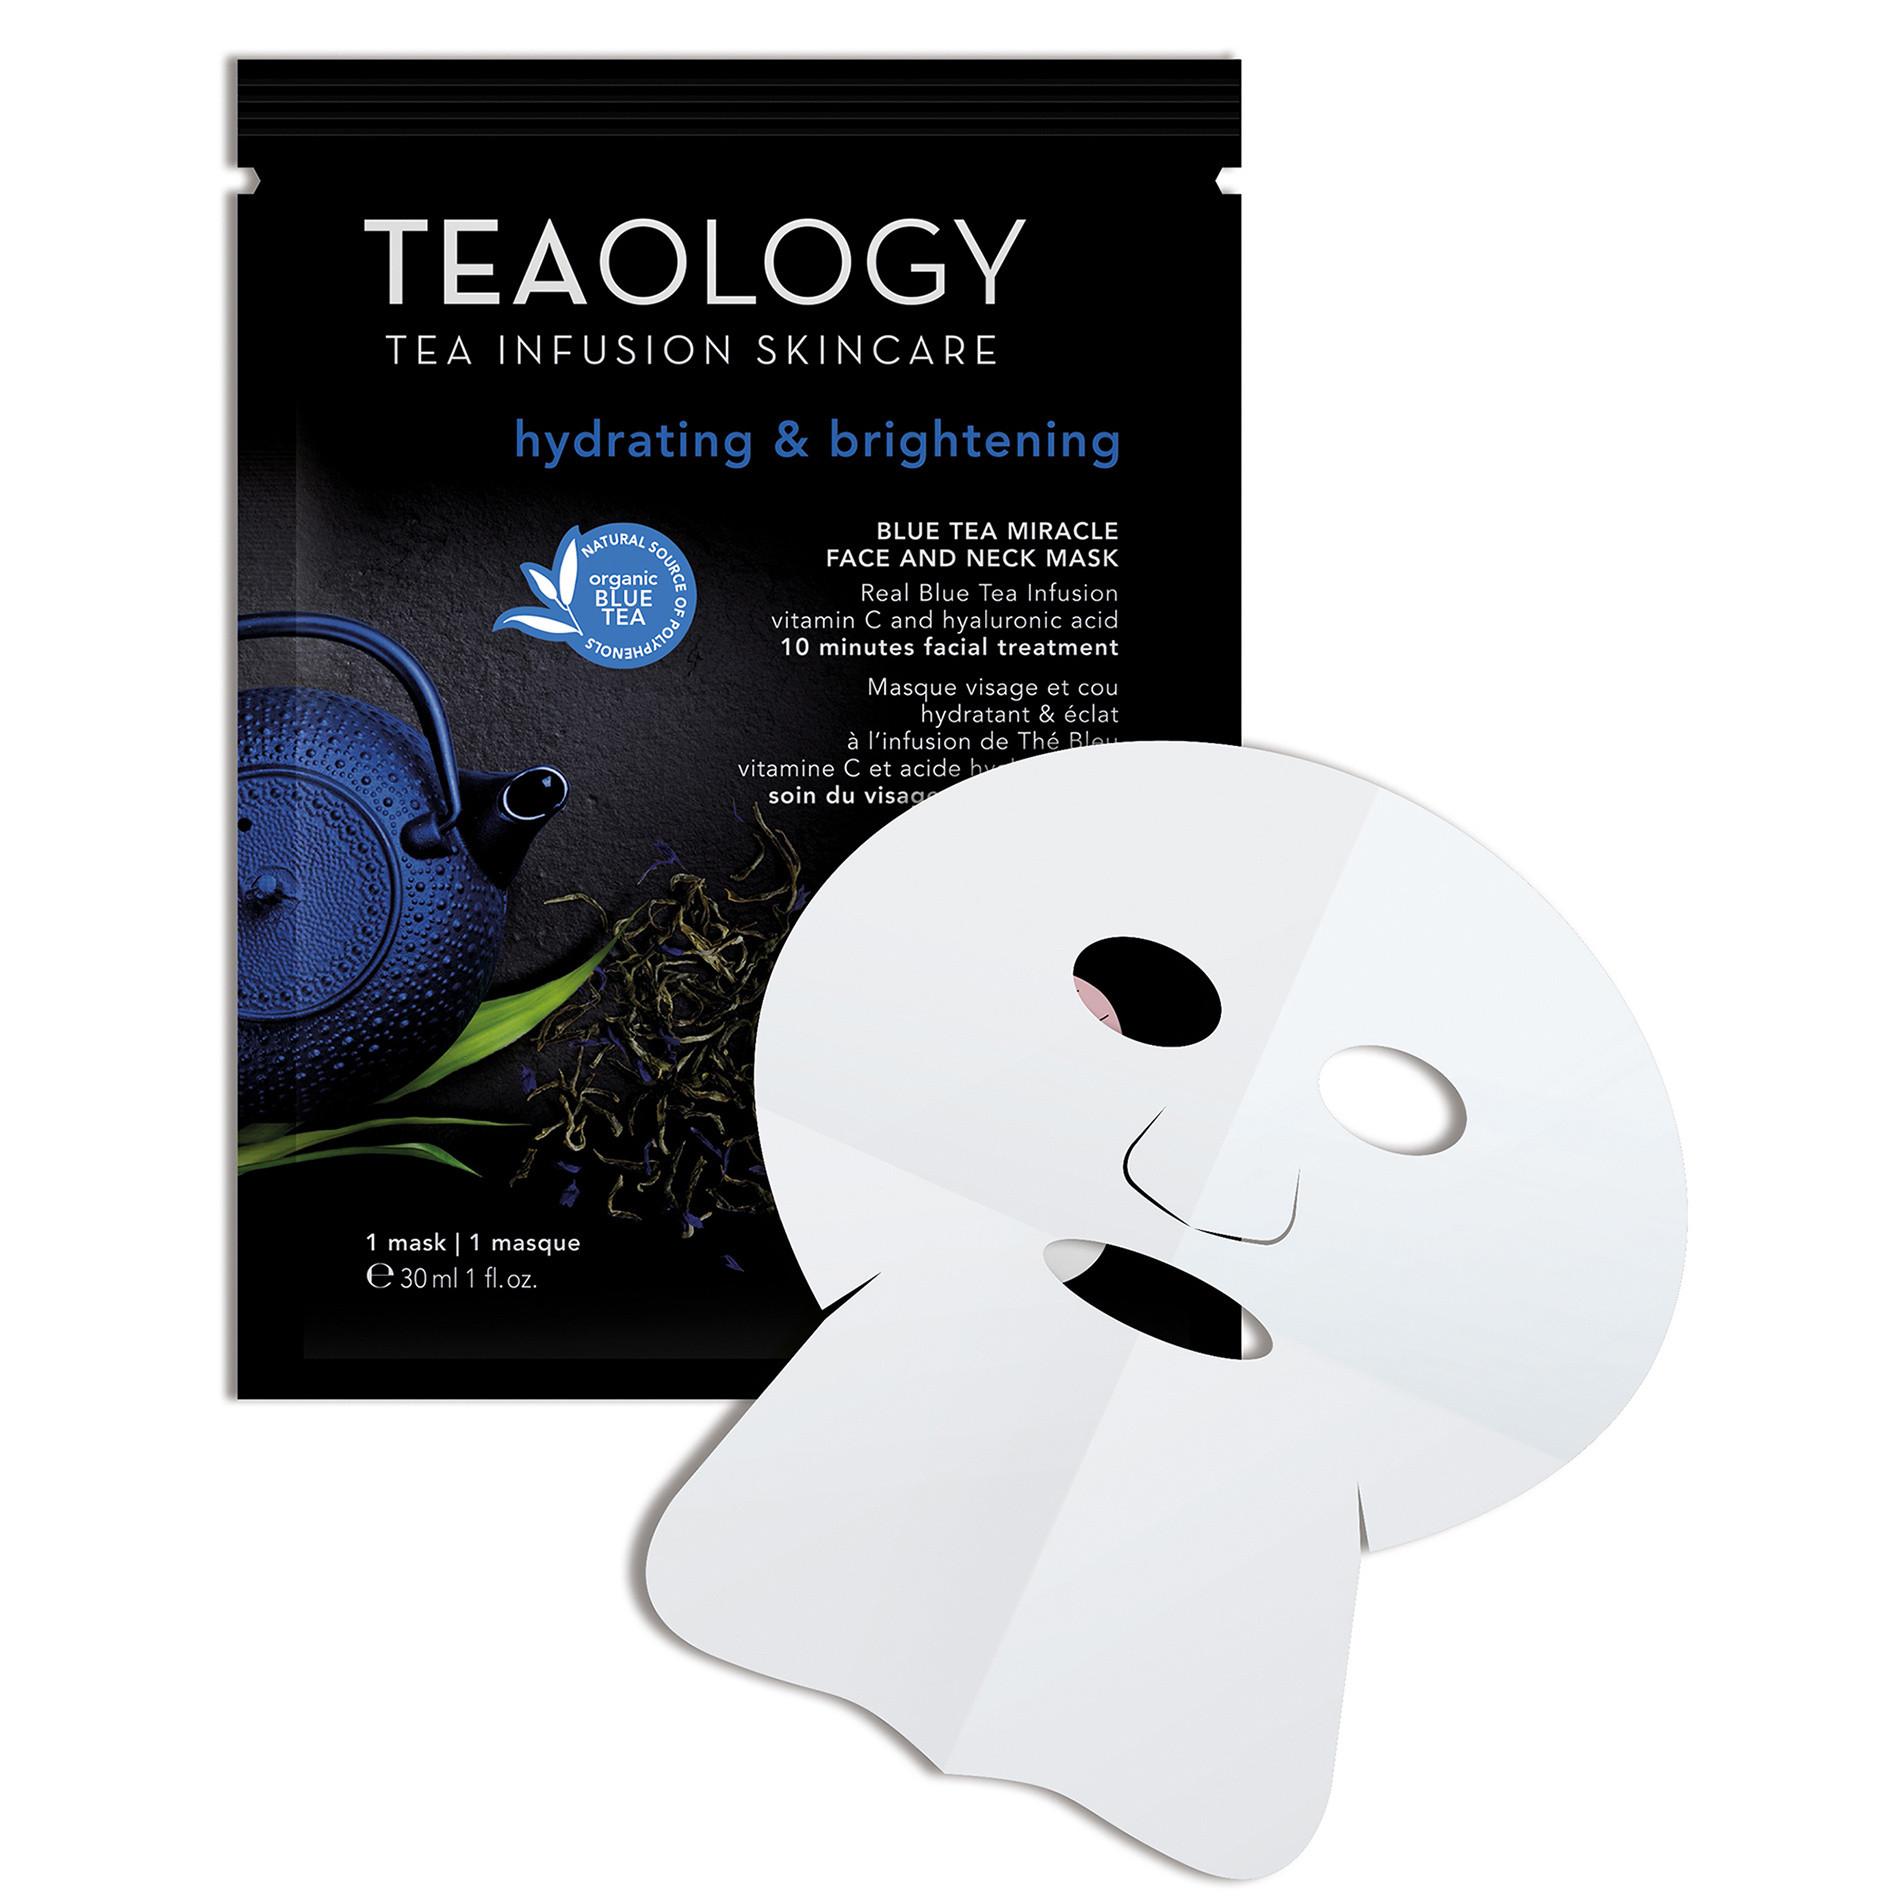 Blue Tea Miracle Face and Neck Mask Idratante e Illuminante 30 ml, Nero, large image number 1